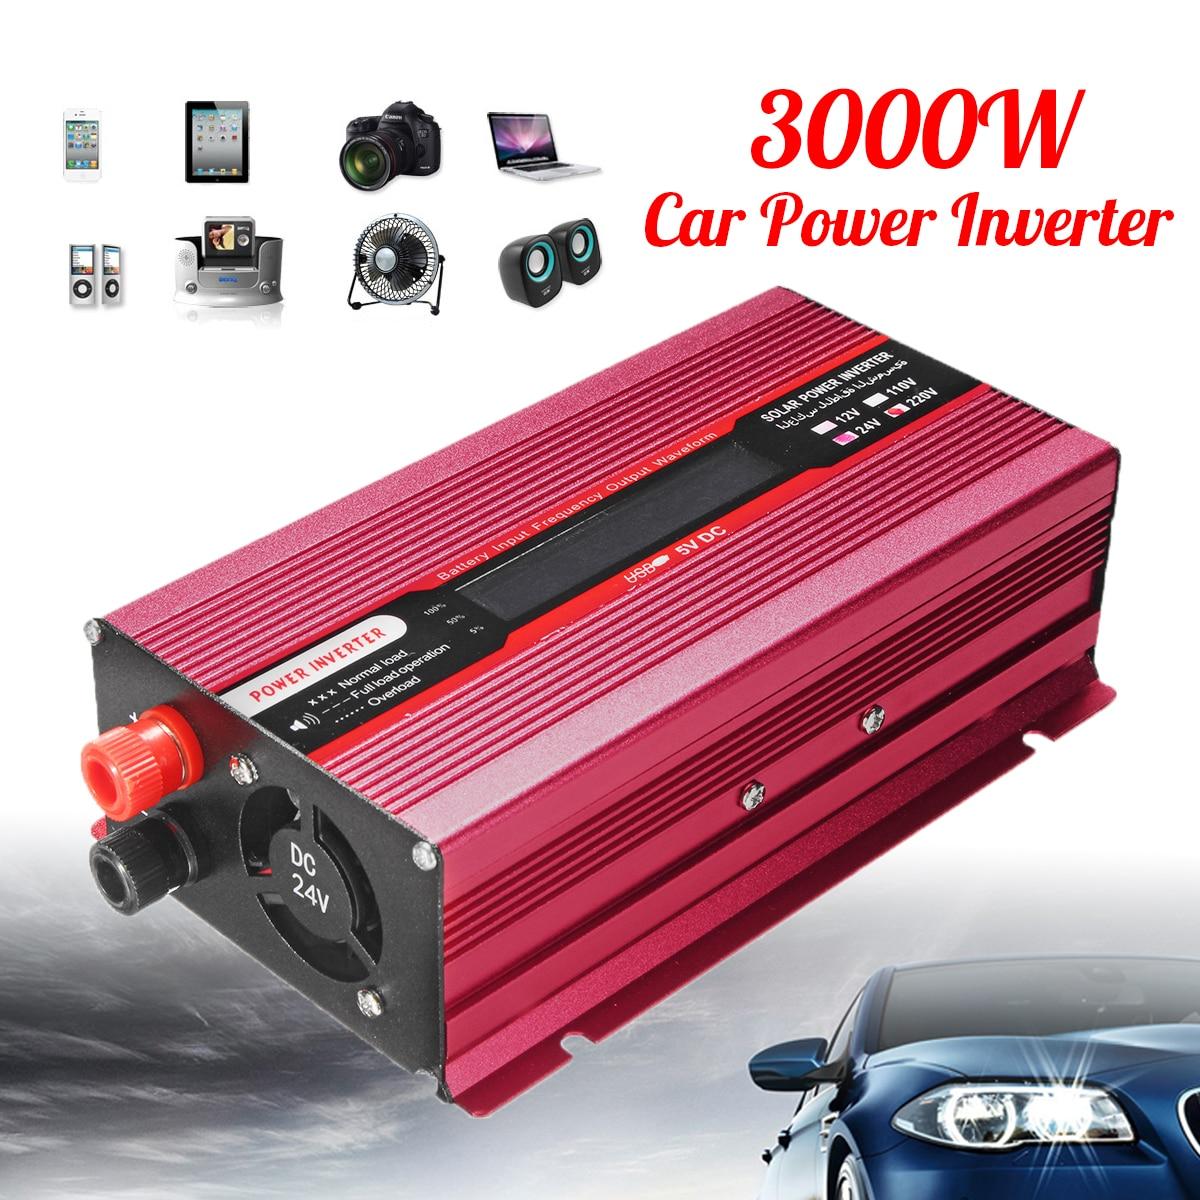 PEAK 3000W USB Modified Sine Wave Converter Car Power Inverter 12/24V To AC 220/110V Low Noise Multiple Voltage Transformer